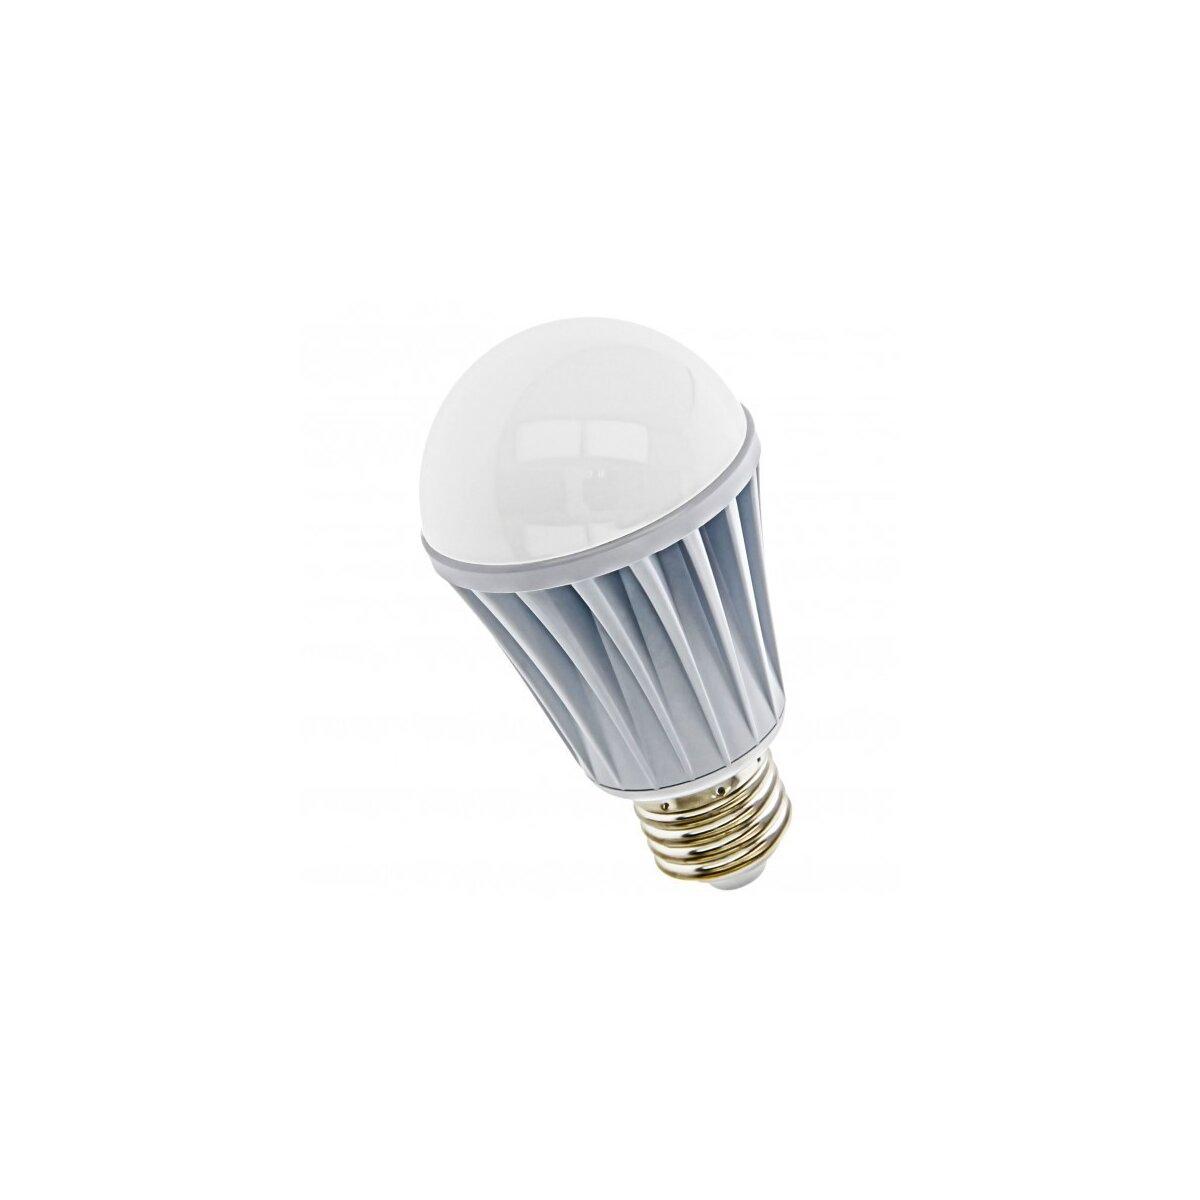 Minadax® dimmbare Warm- und Kaltweiße CCT LED Gluehbirne 7,5 Watt A+ fuer E27 Sockel - Steuern Sie die Farbe Ihres Lichtes ueber Wifi